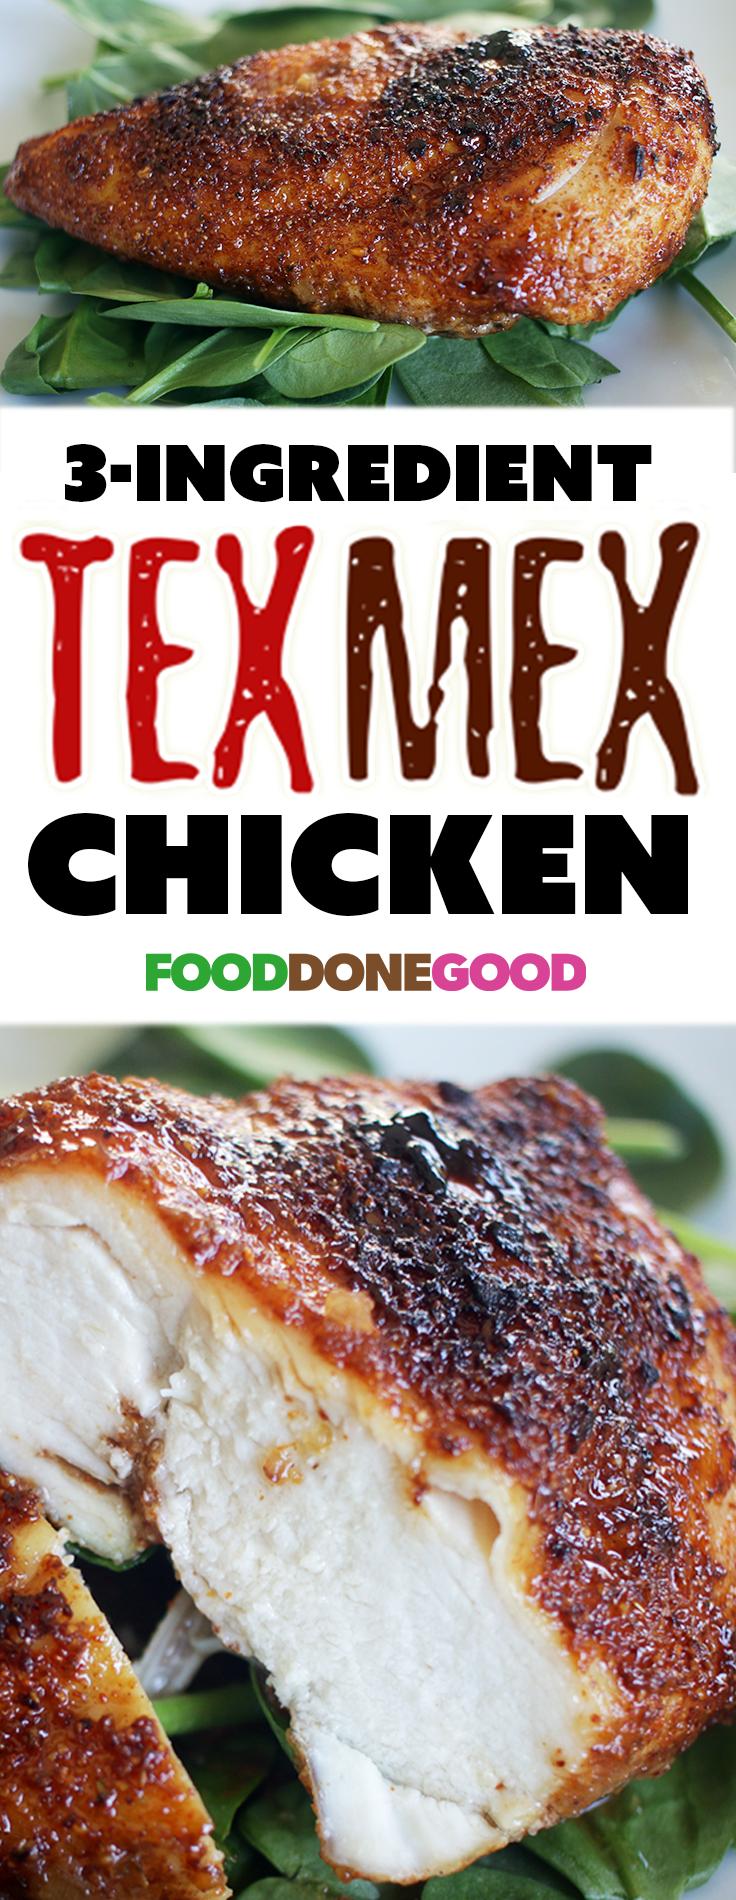 tex-mex-chicken-fdg-pinterest-